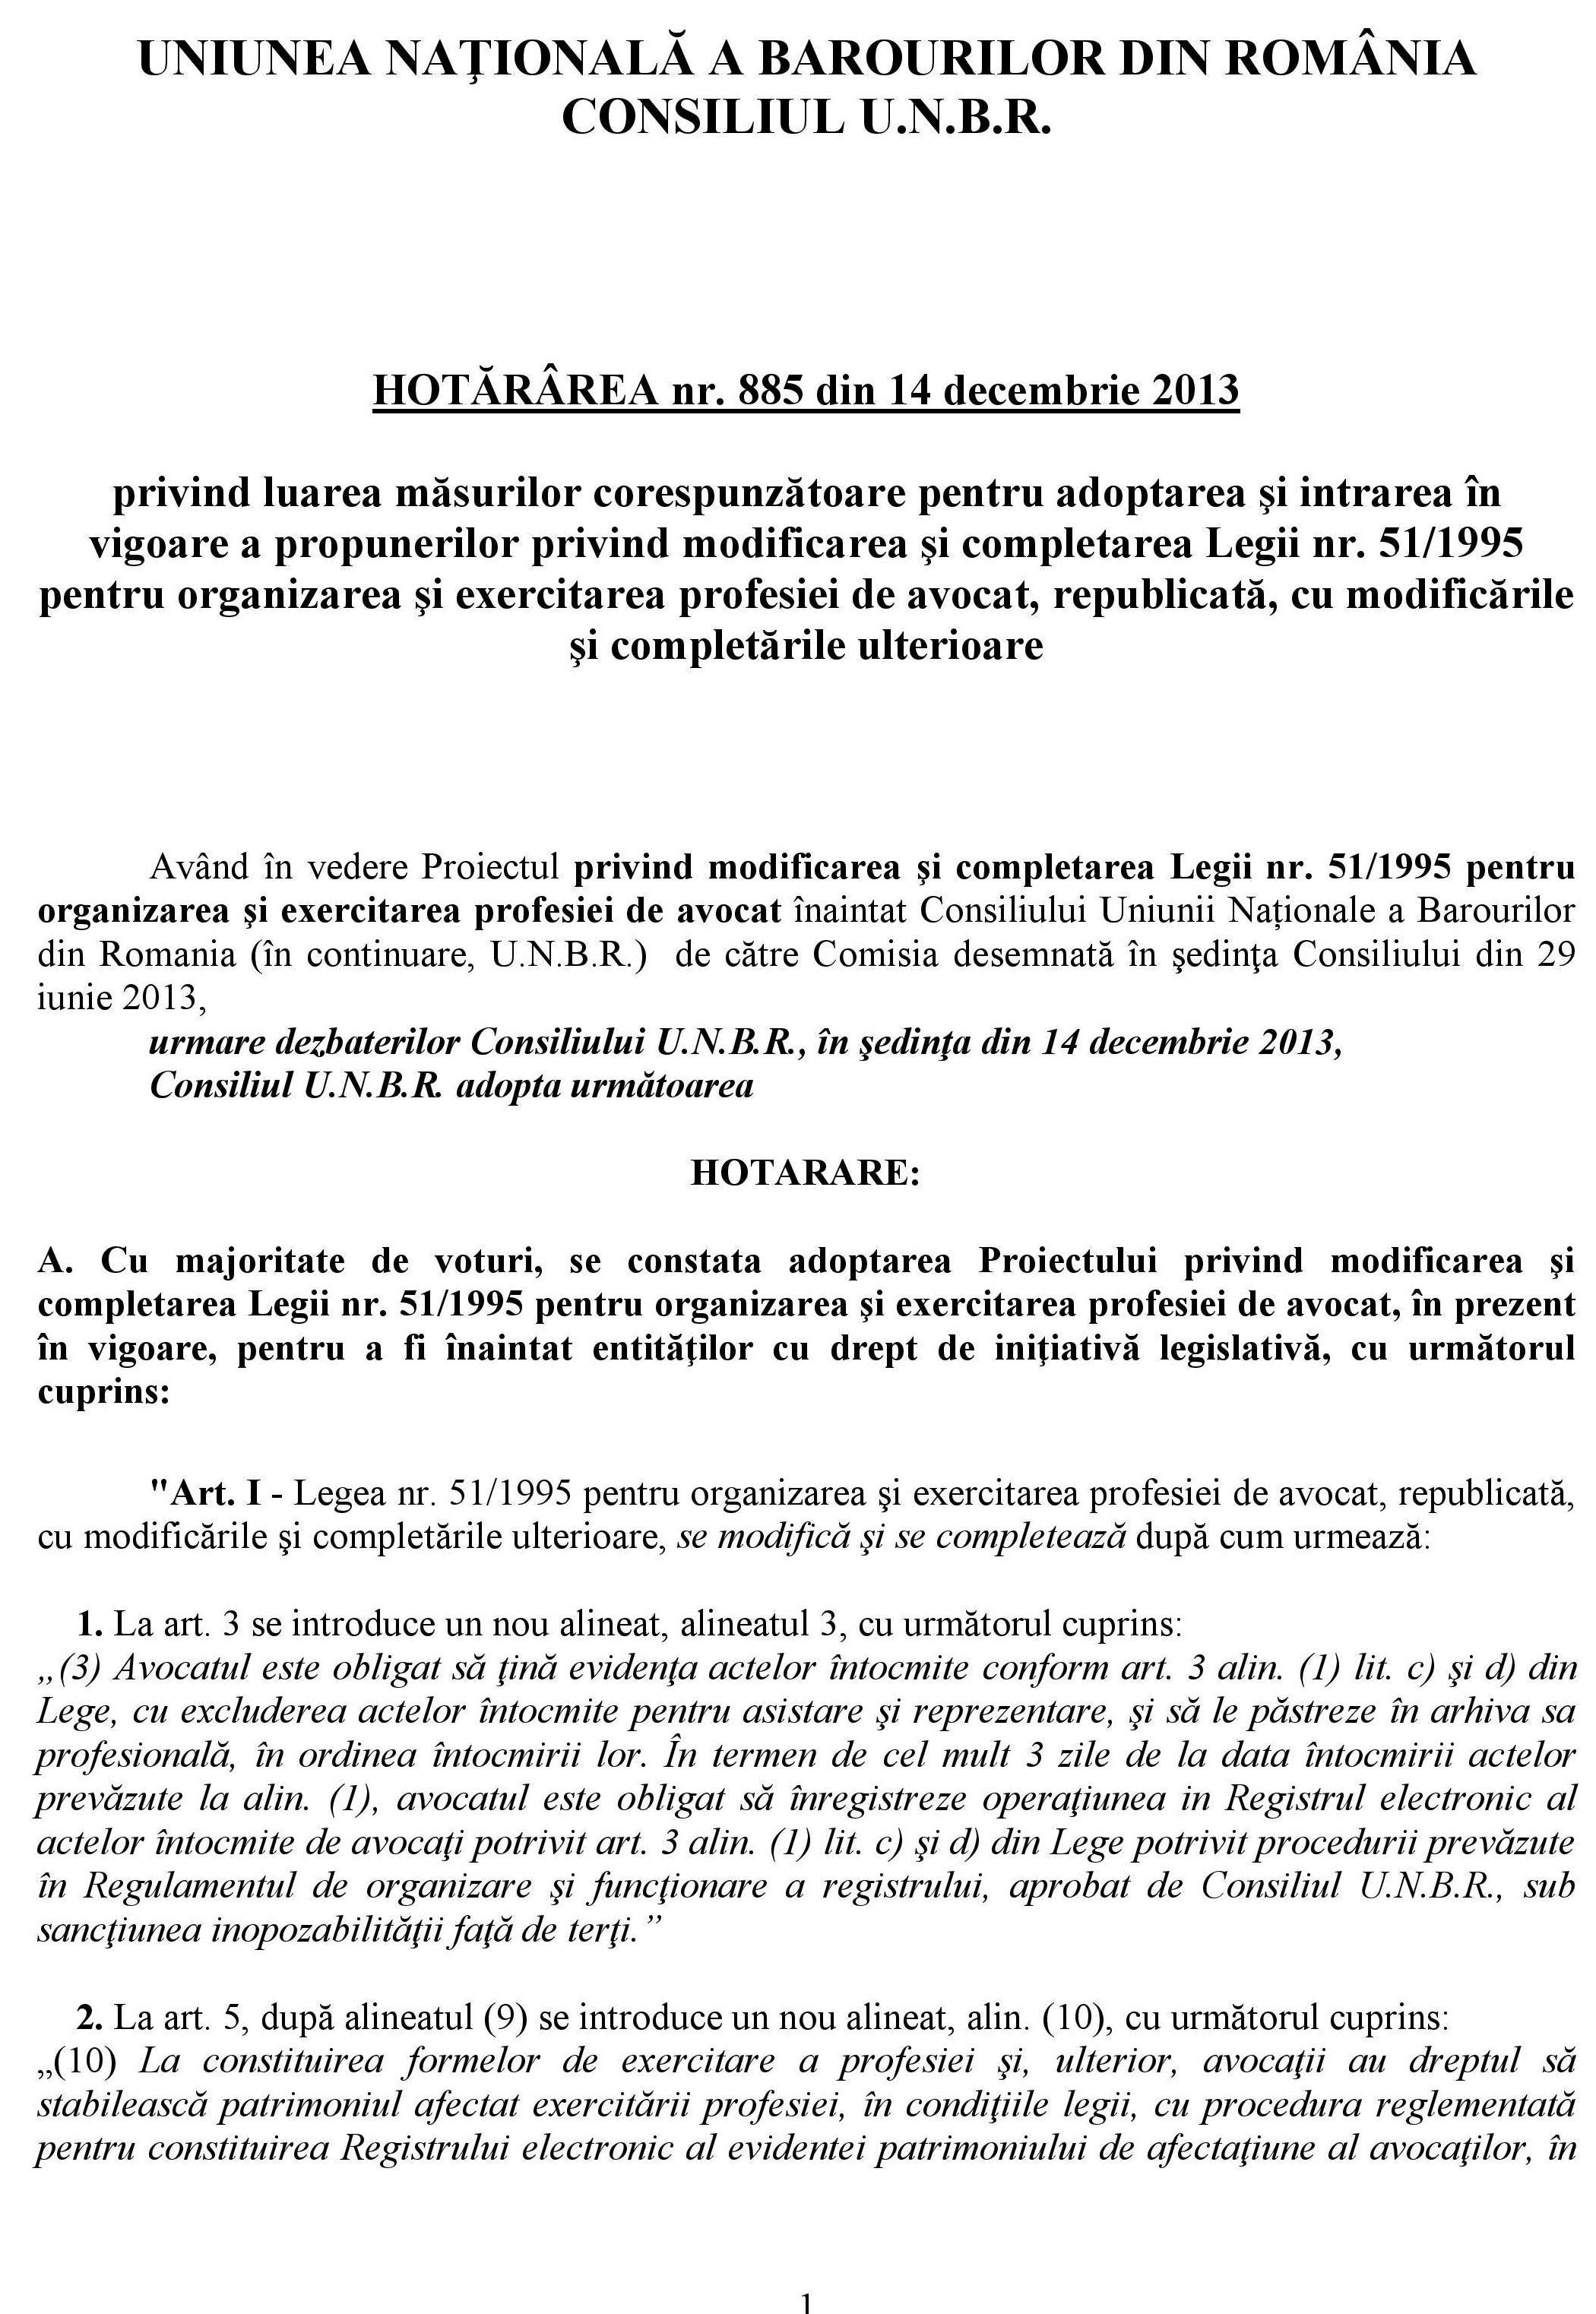 Hotararea_885-2013_Consiliul_UNBR_Proiect_Modificare_Legea_51_200114-EMAIL-page-001